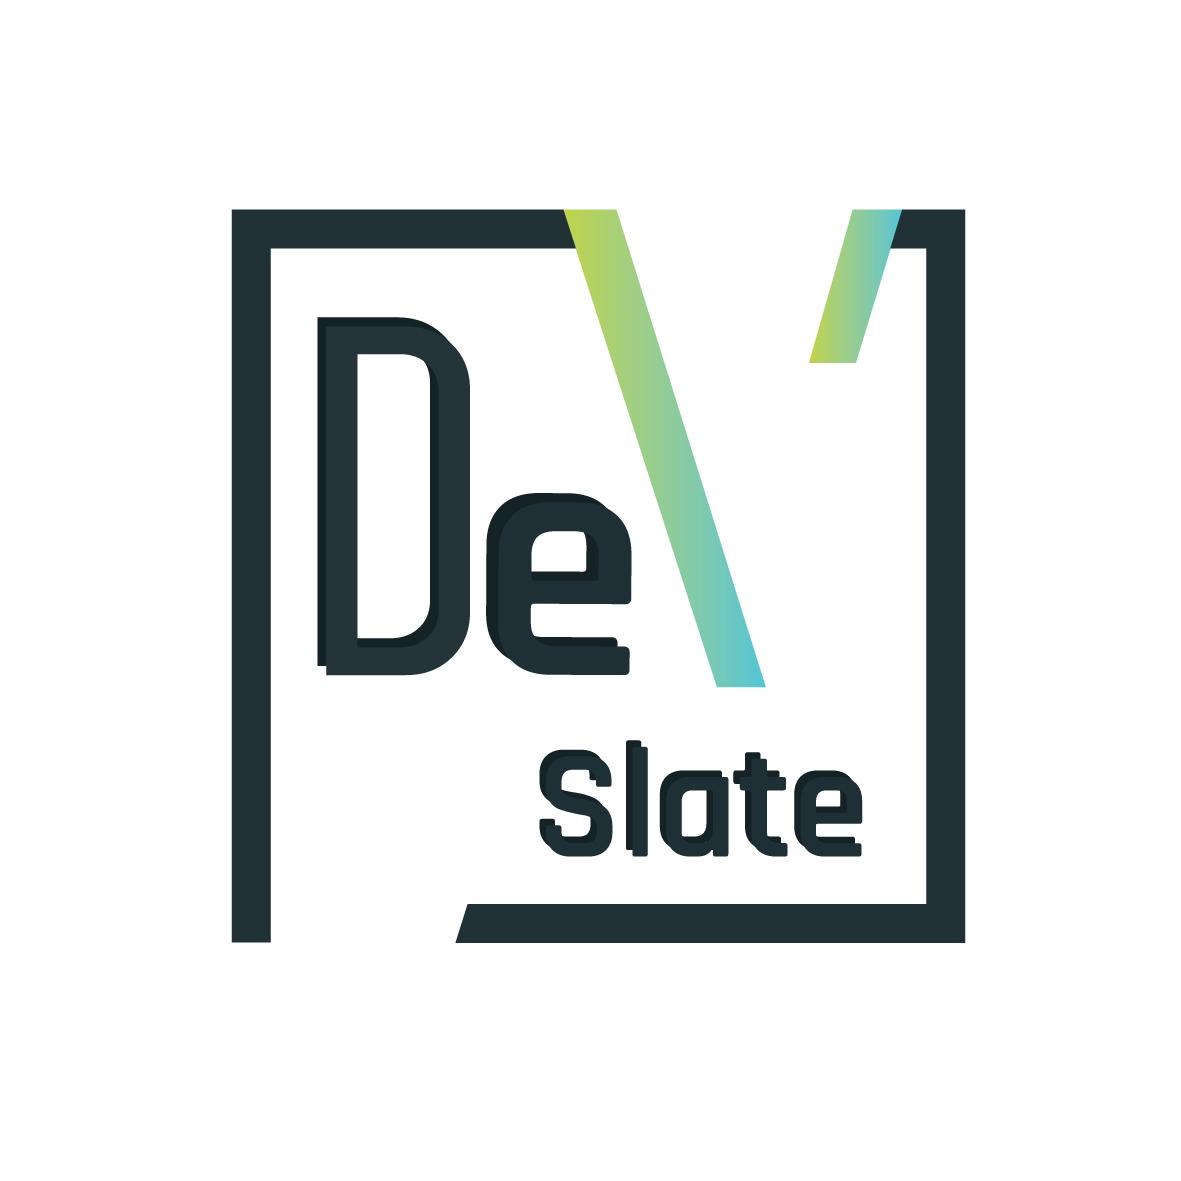 DevSlate